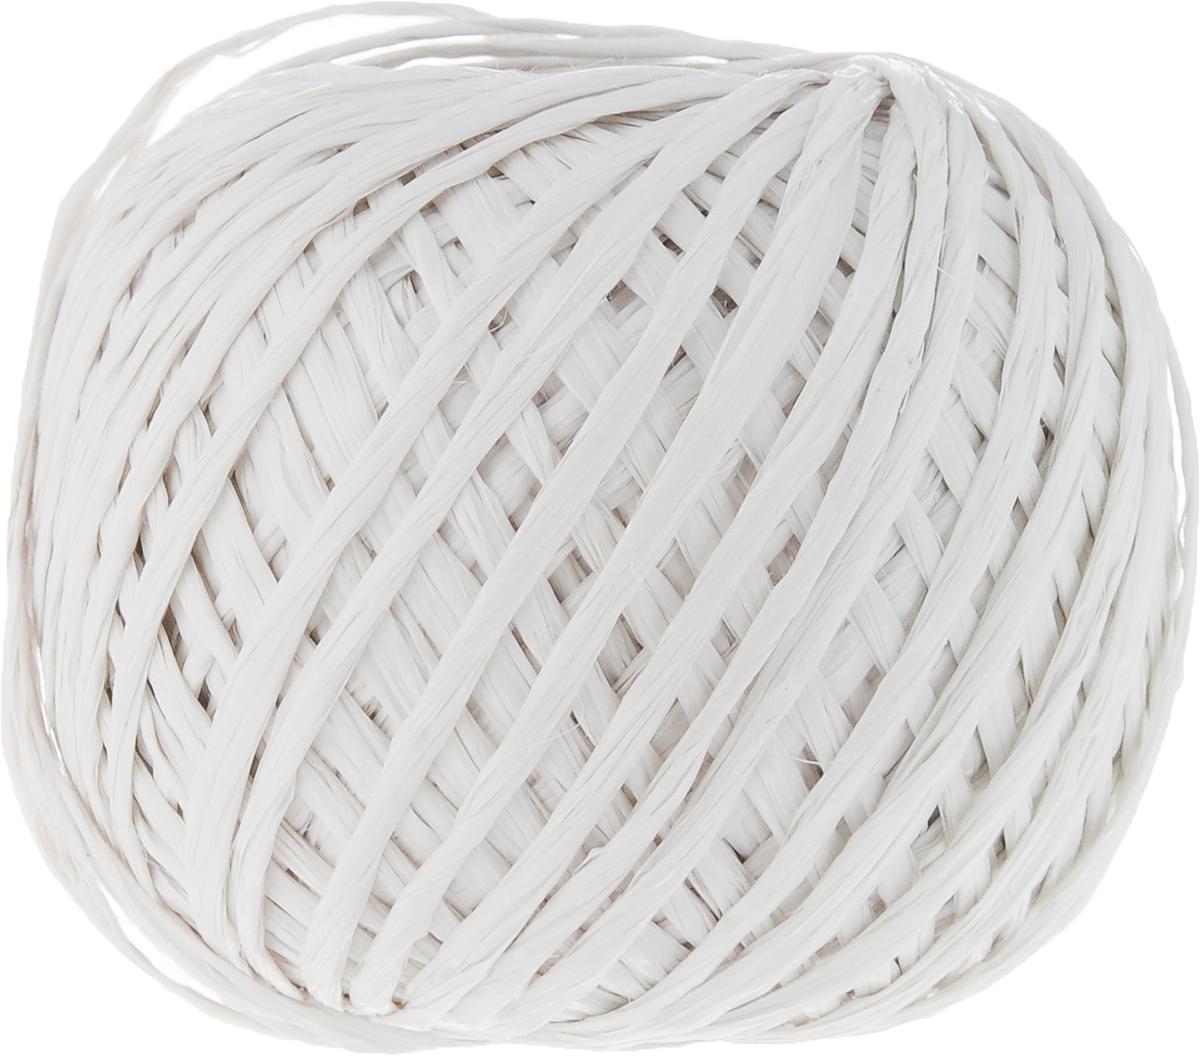 Шпагат Шнурком, цвет: светло-серый, длина 100 мШпп_100_светло-серыйПолипропиленовый шпагат Шнурком плотностью 1000 текс входит в категорию веревочной продукции, сырьем для которой являются синтетические волокна, в частности полипропиленовая нить. Данный материал характеризуется высокой прочностью и стойкостью к износу. Кроме того, он эластичен, гибок, не боится многократных изгибов, плотно облегает изделие при обвязке и легко завязывается в крепкие узлы. Относительная удельная плотность полипропиленовых шпагатов варьируется от 0,70 до 0,91 кг/м3. Температура плавления от 150 до 170°C (в зависимости от вида и модели шпагата). Удлинение под предельной нагрузкой (18-20%).Длина шпагата: 100 м. Толщина нити: 2 мм. Линейная плотность шпагата: 1000 текс.